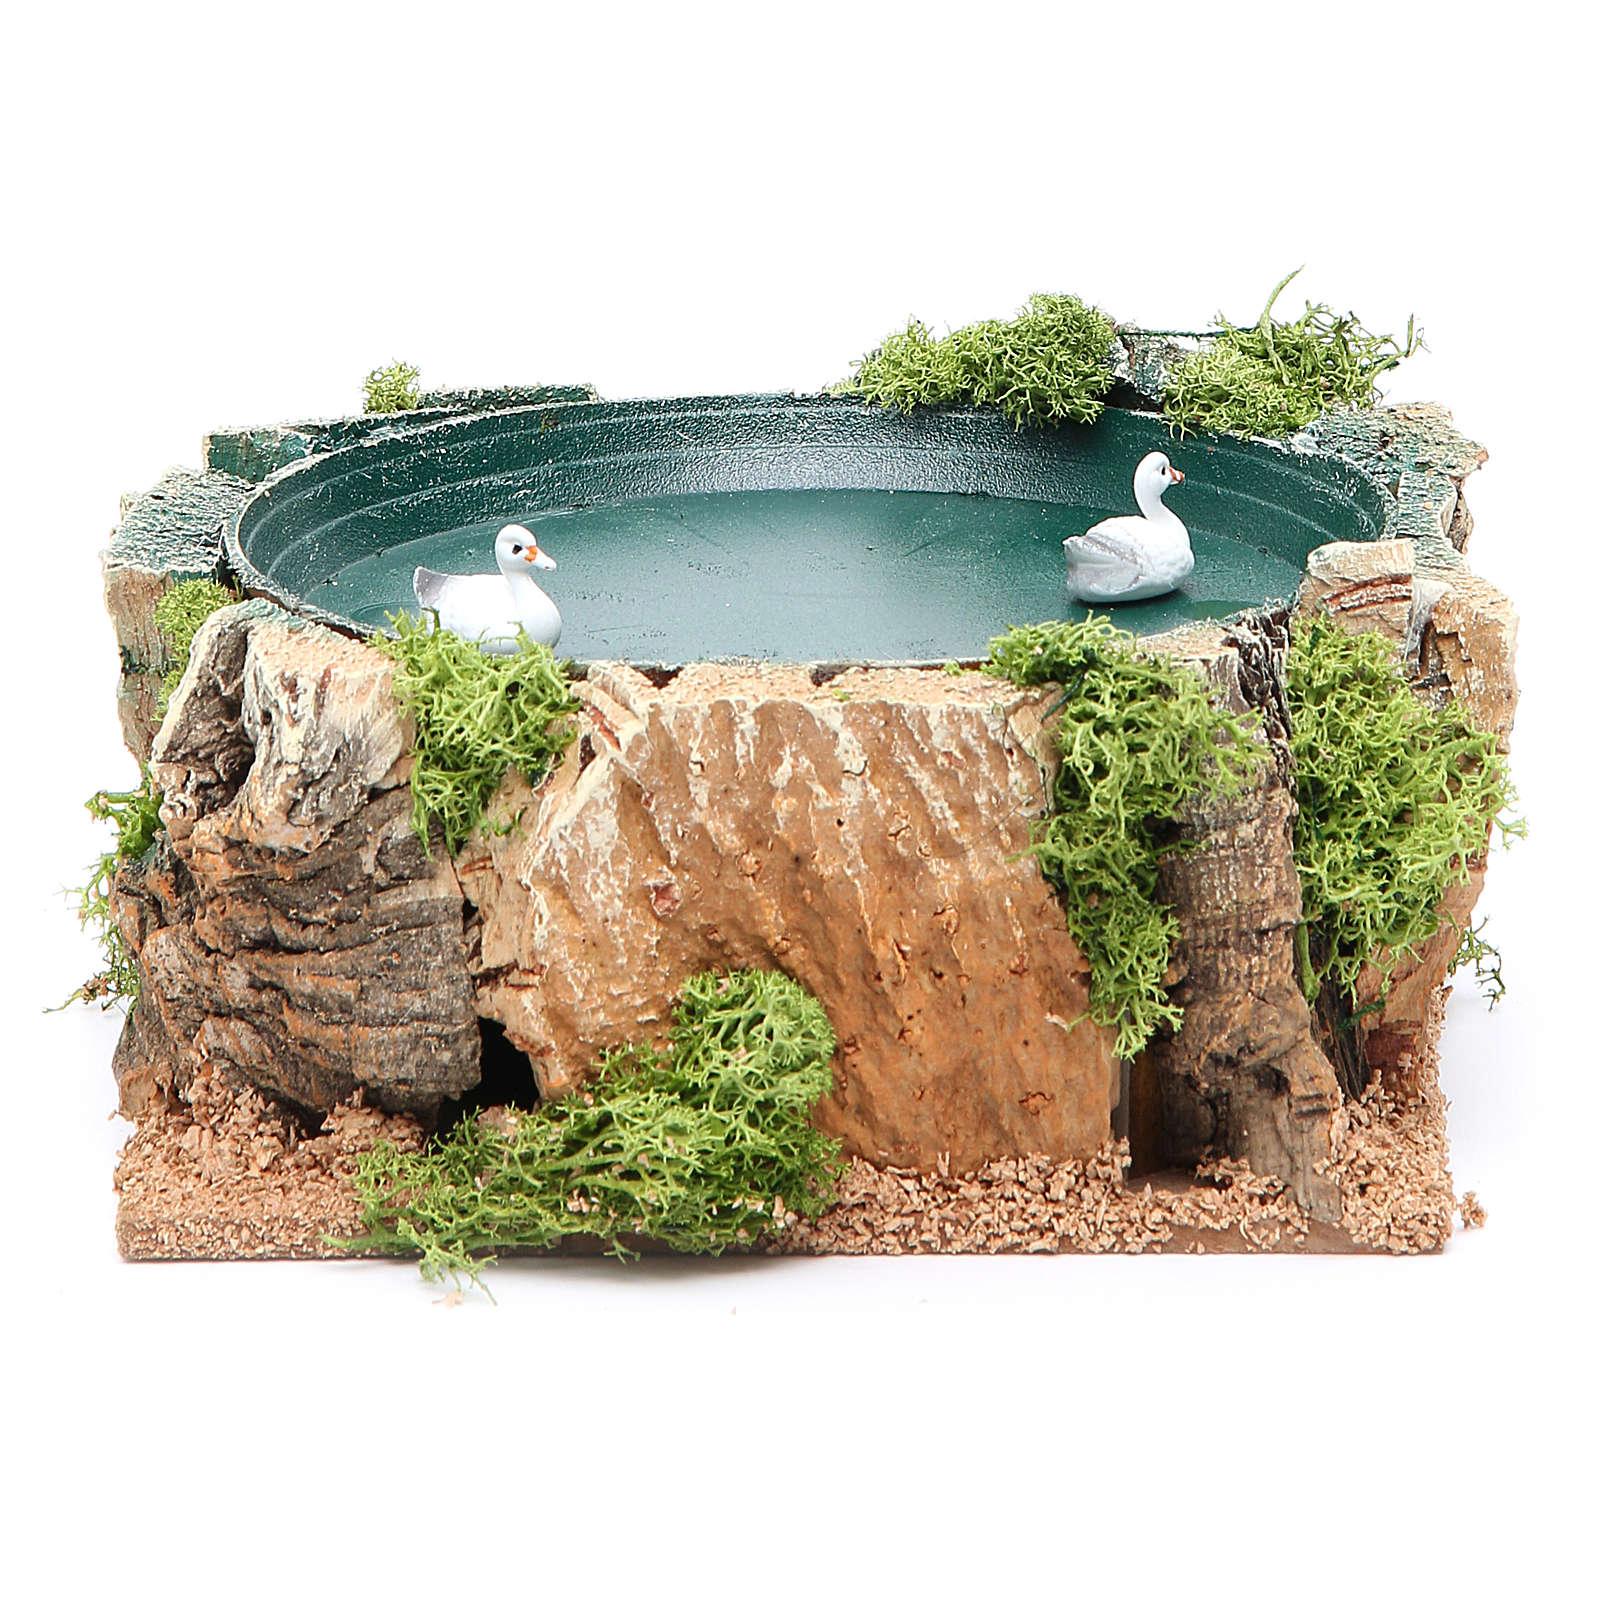 Lago com gansinhos em movimento 7x15x15 cm 3